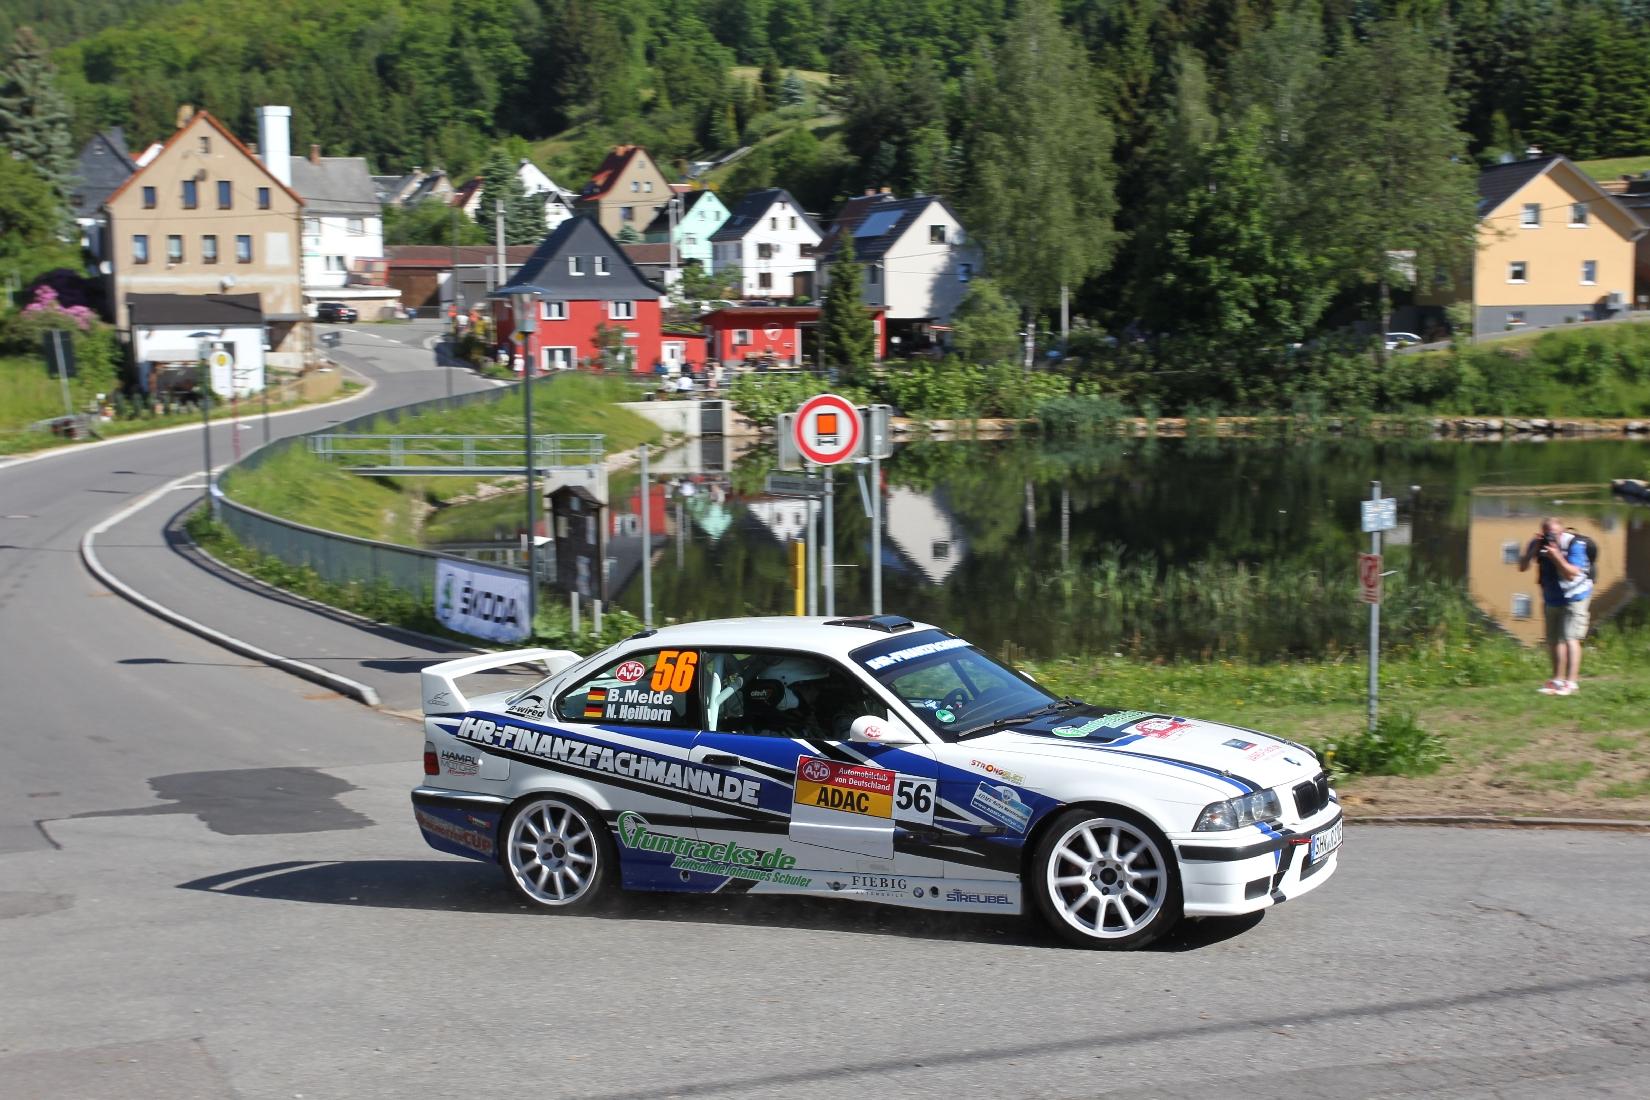 Sachsen-Rallye 2017 Heilborn-Melde BMW M3